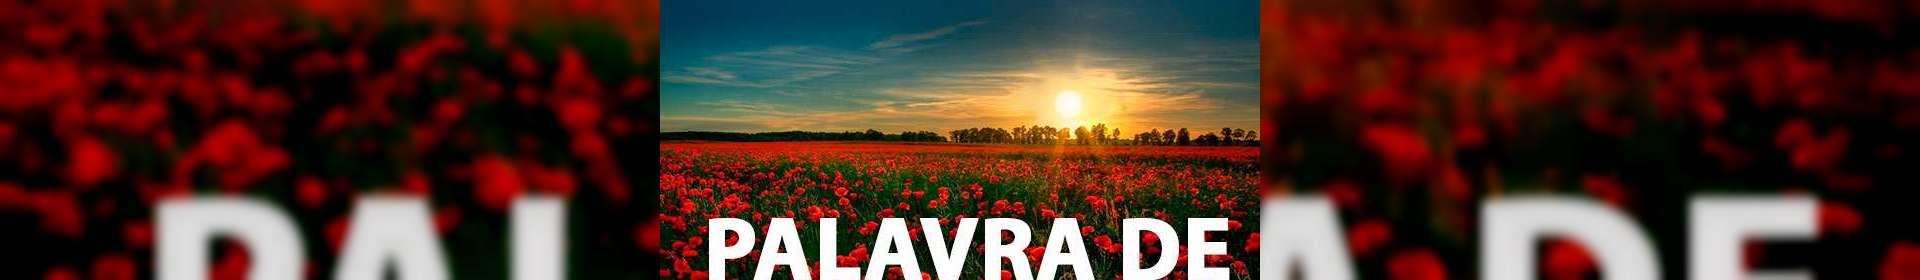 Salmos 3:8 - Uma Palavra de Esperança para sua vida